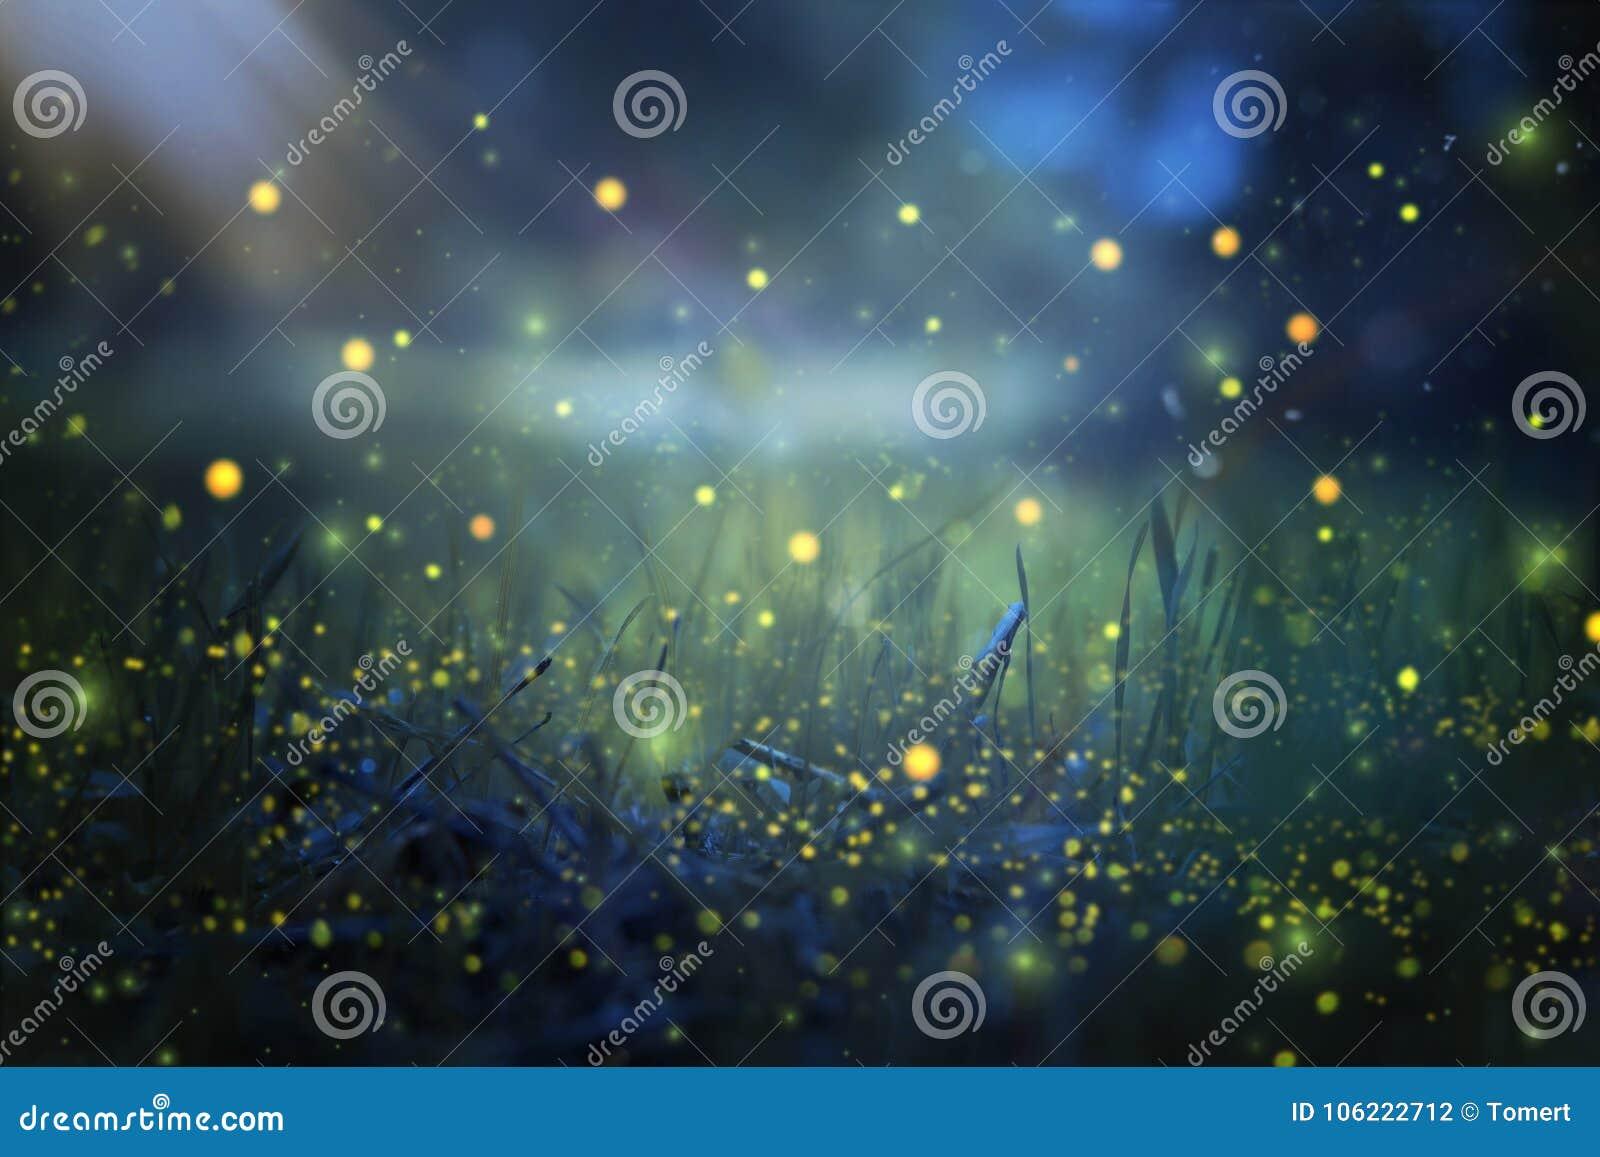 Imagen abstracta y mágica del vuelo de la luciérnaga en el concepto del cuento de hadas del bosque de la noche